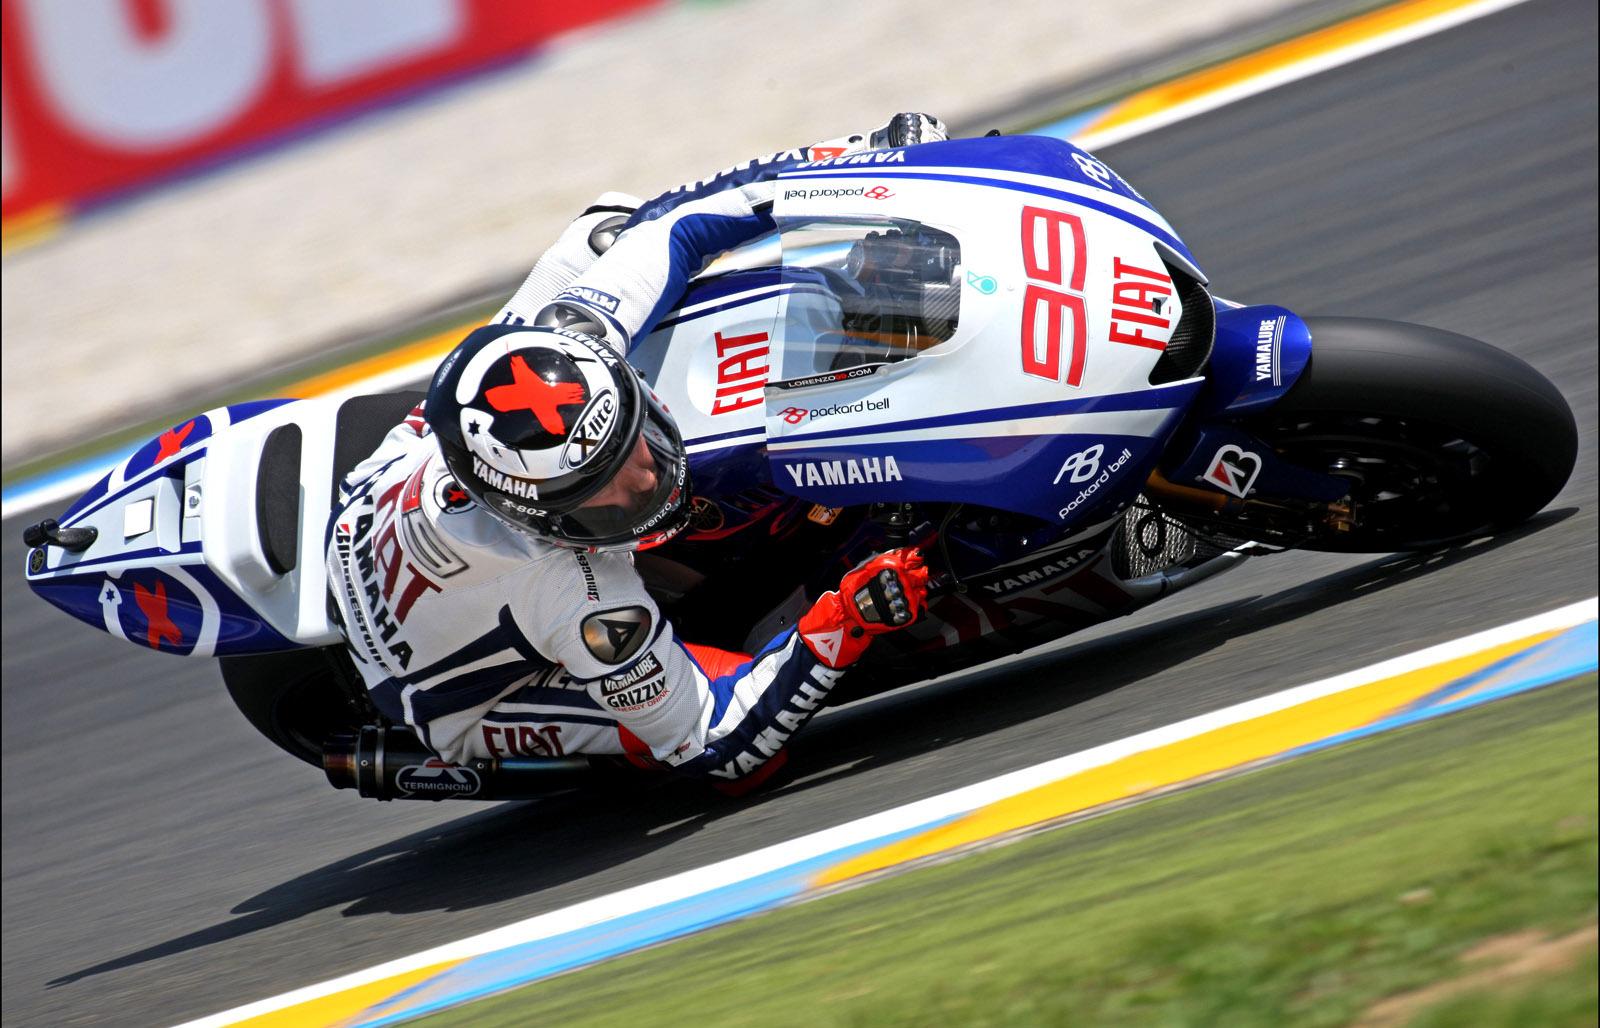 Gambar  Gambar Rider motogp TIM Yamaha 2012